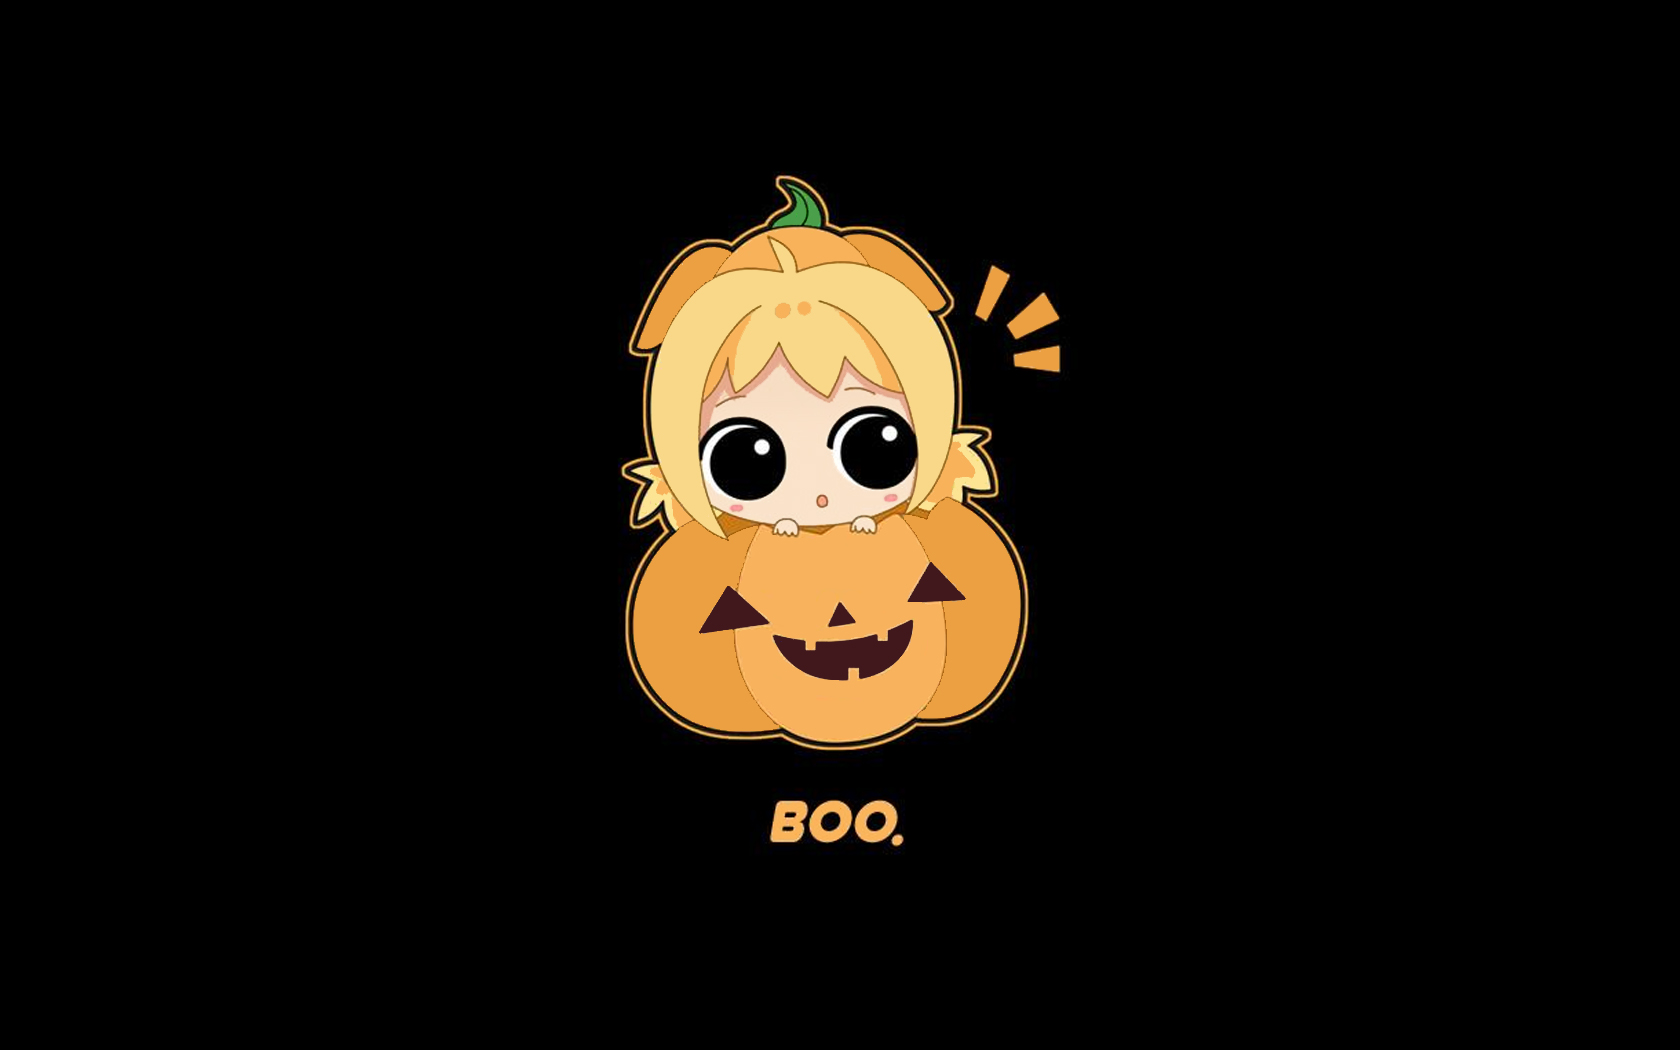 Cute Halloween Wallpaper 15759 1680x1050px 1680x1050